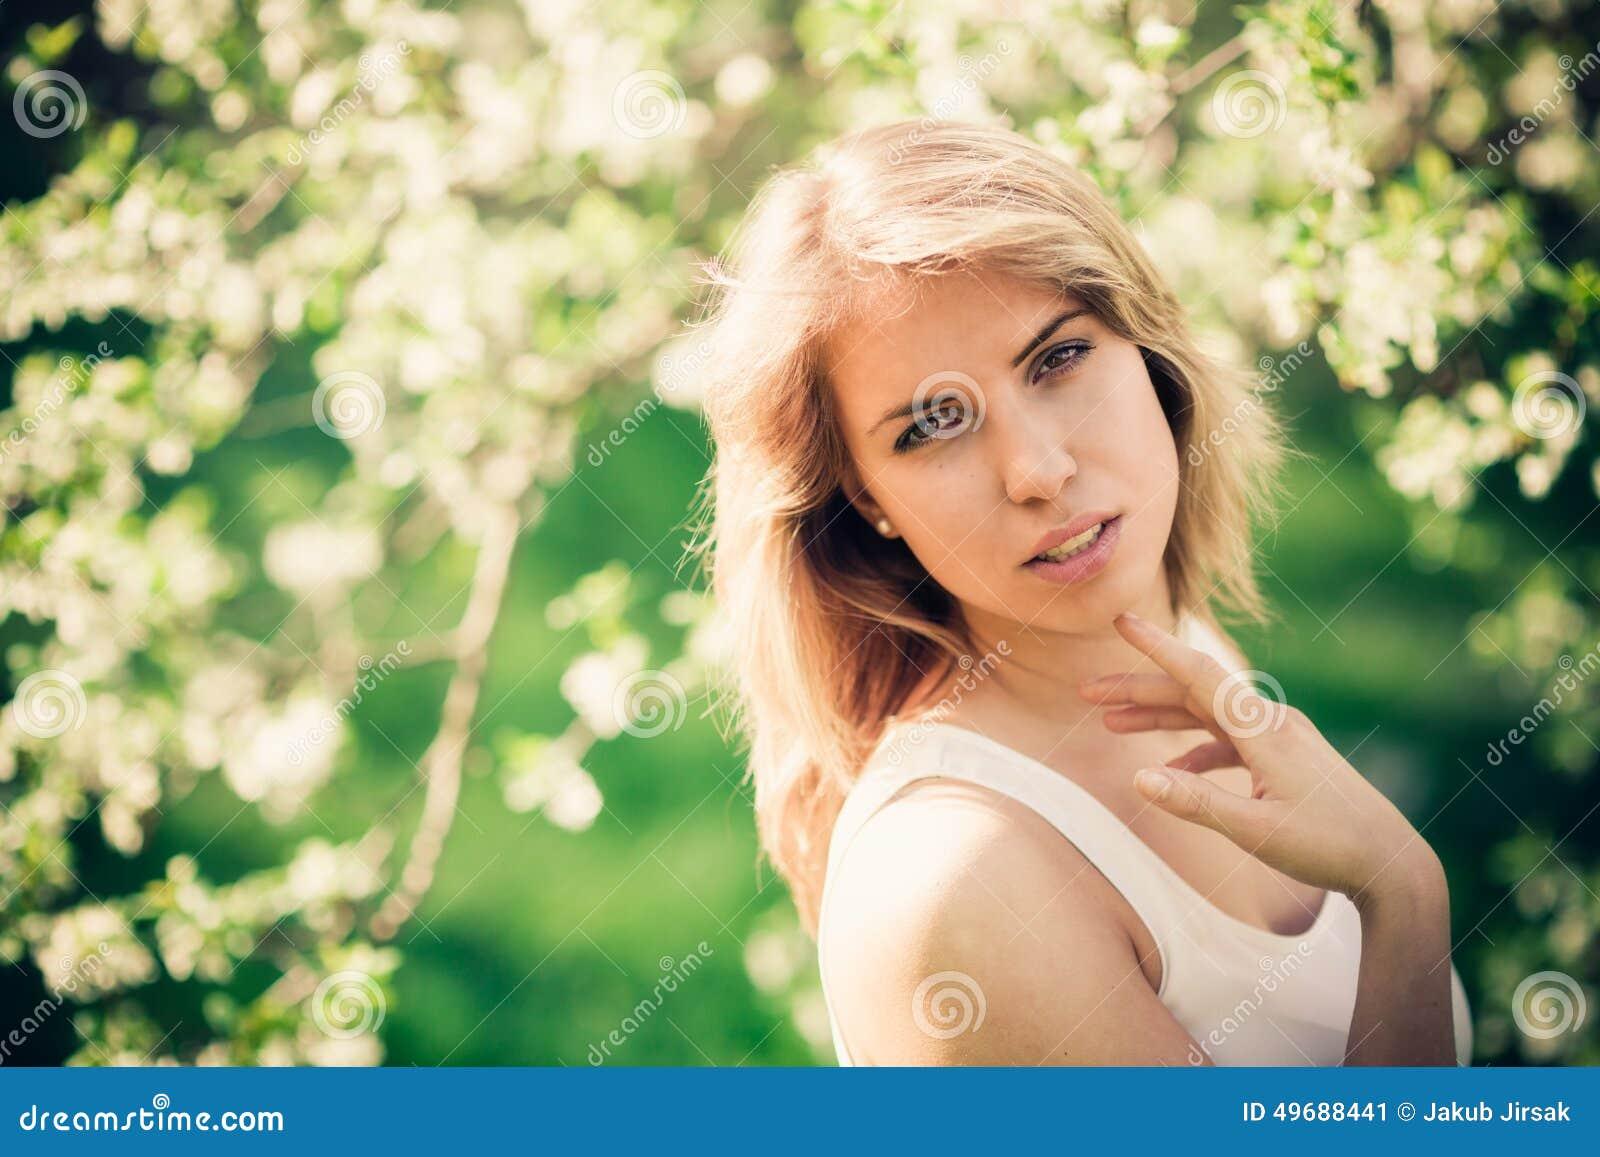 Springtime portrait